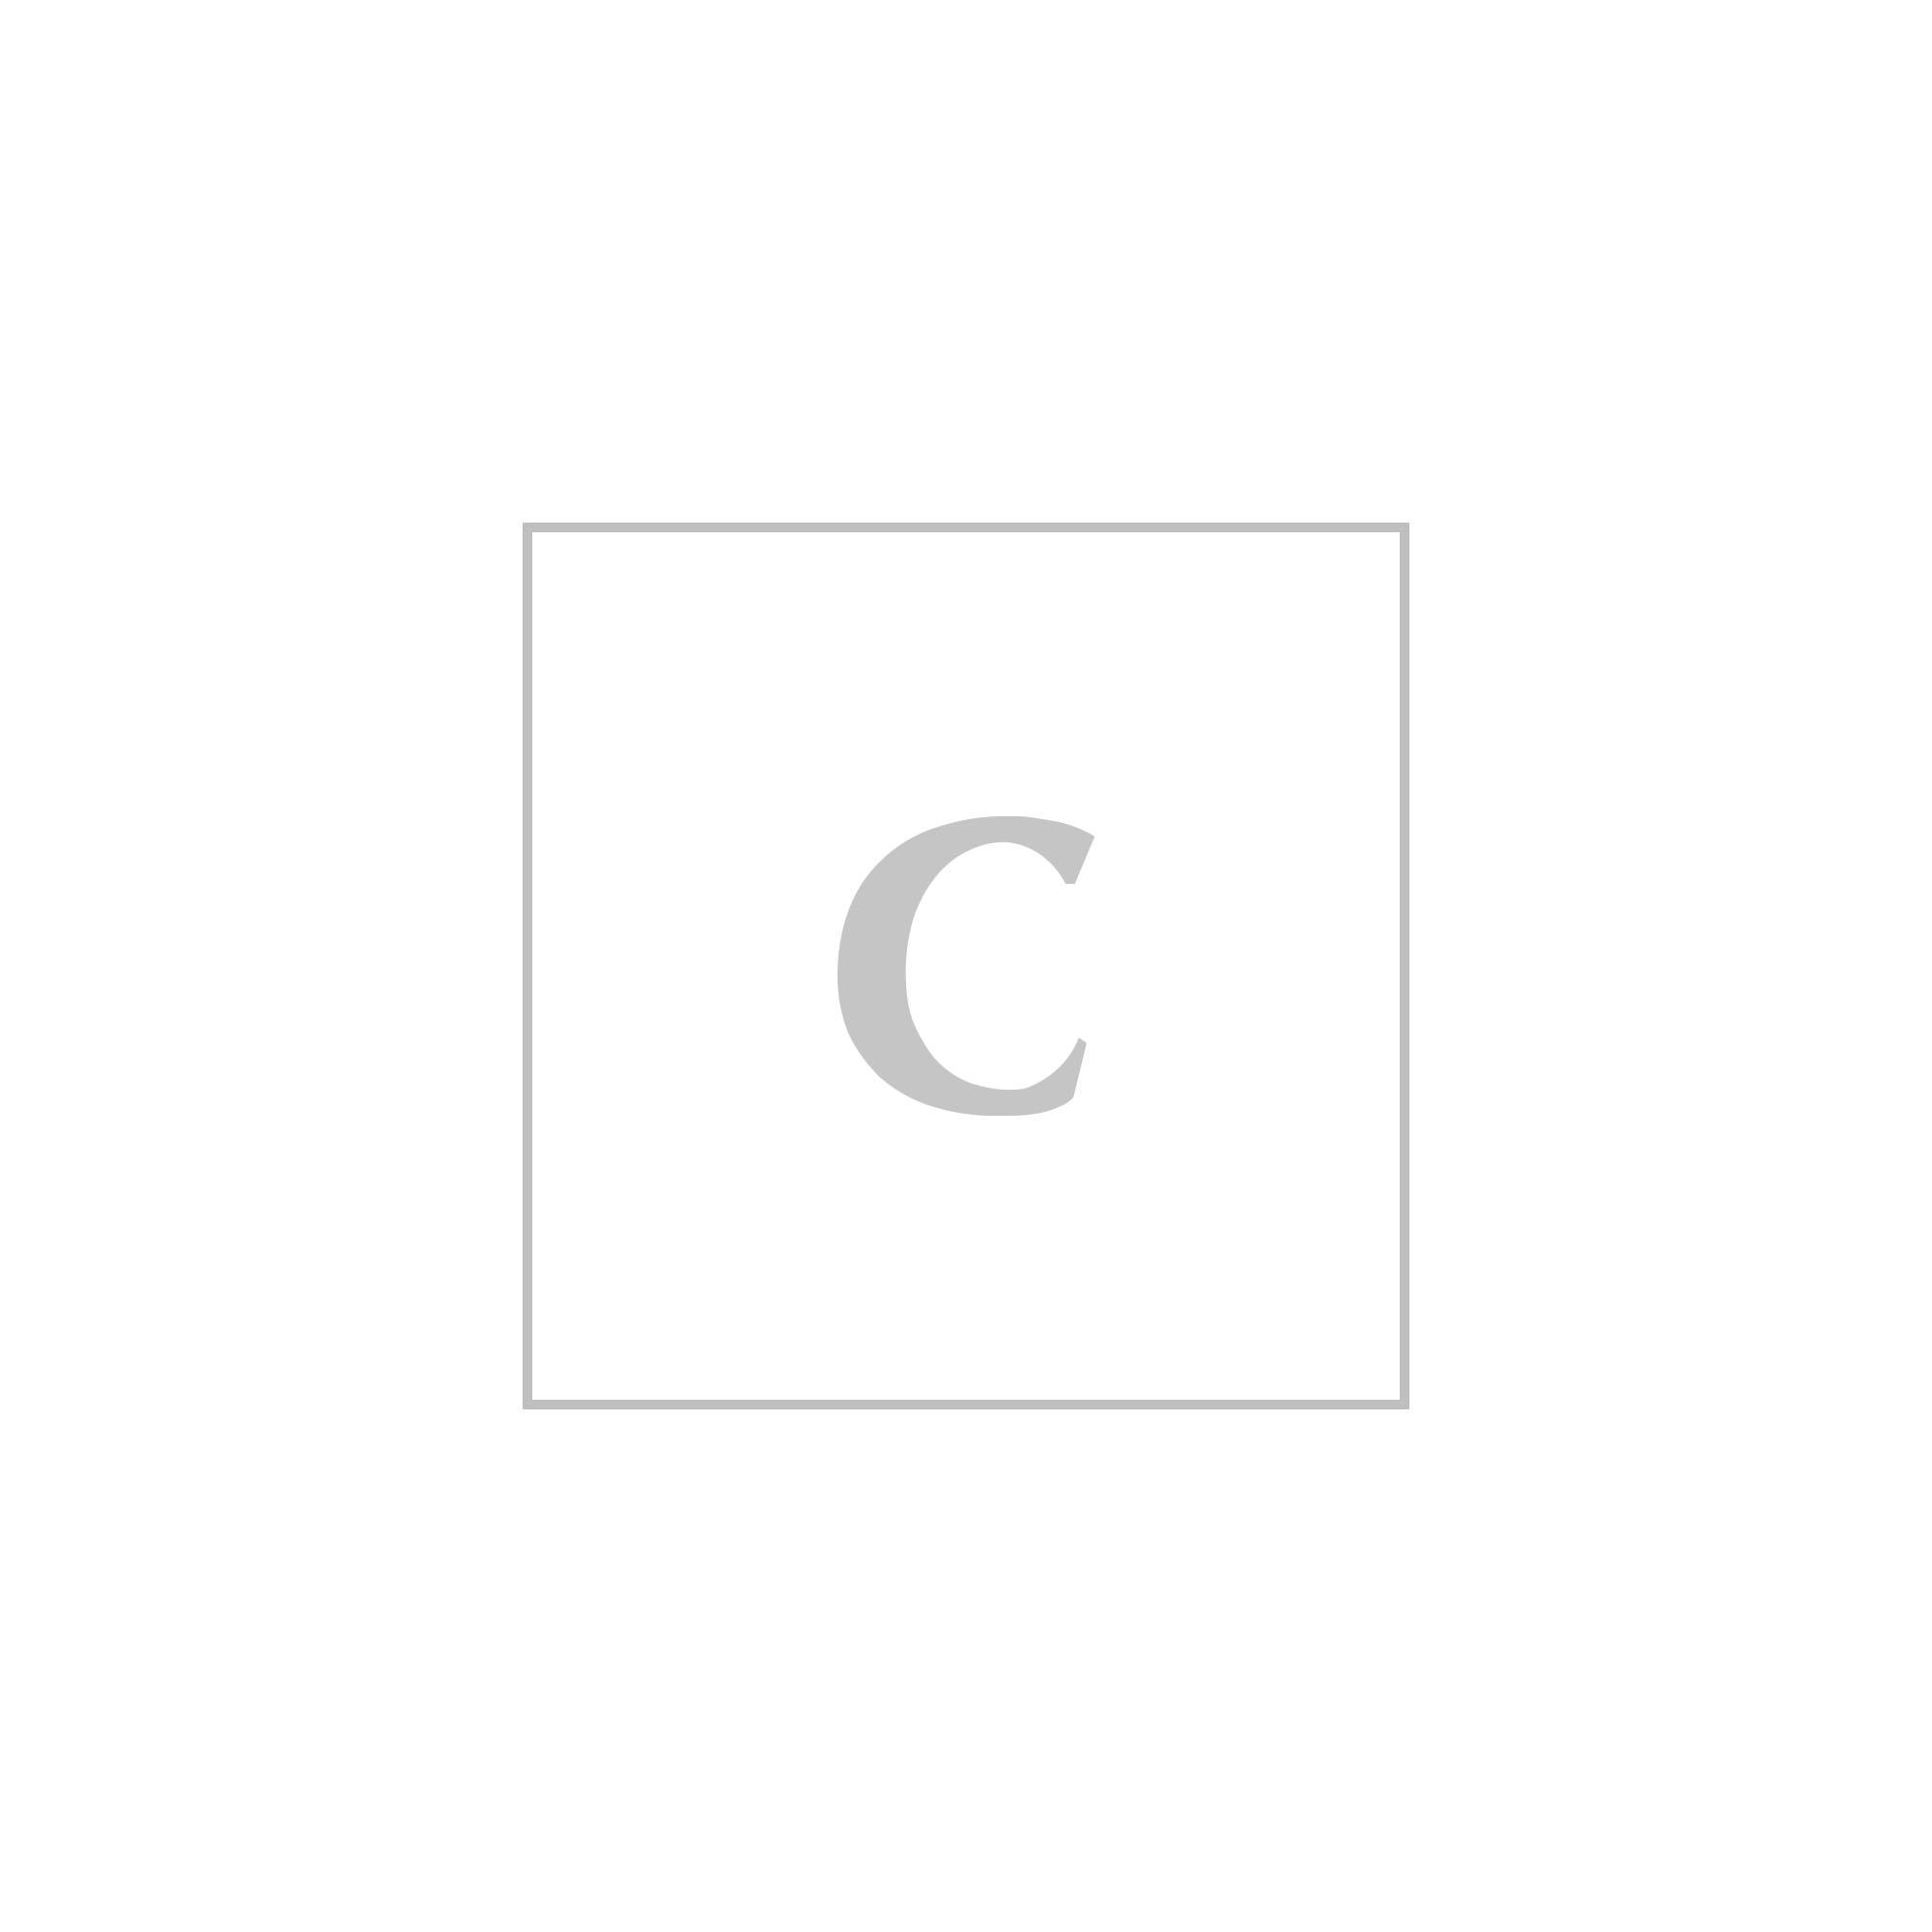 Burberry camicia aster